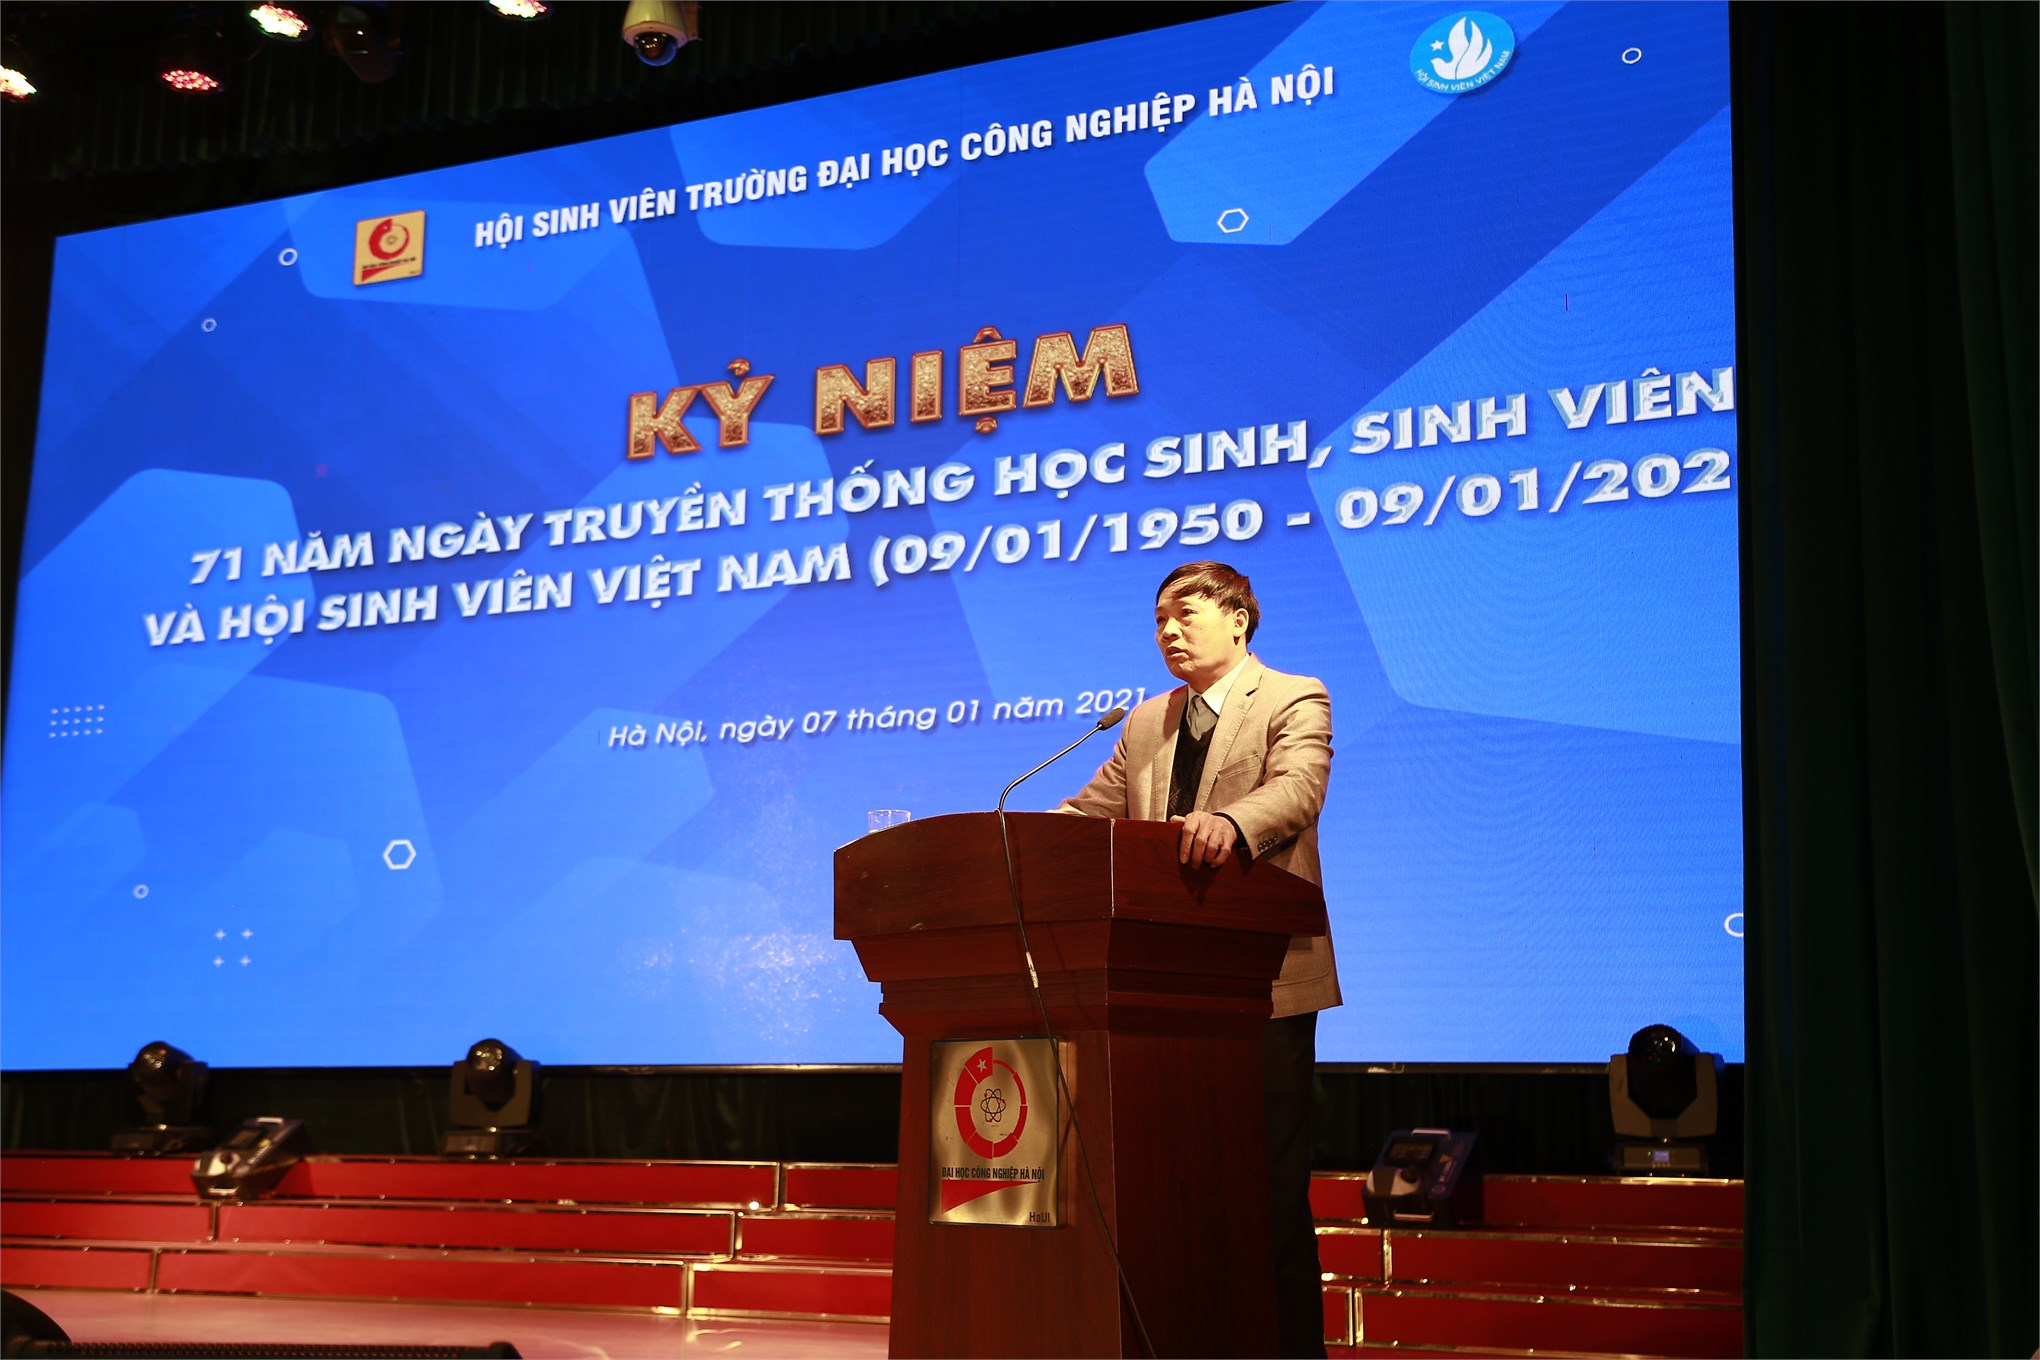 """Kỷ niệm 71 năm Ngày truyền thống học sinh sinh viên và Hội Sinh viên Việt Nam (09/01/1950 - 09/01/2021) và tuyên dương """"Sinh viên 5 tốt"""" cấp trường năm học 2019 - 2020"""